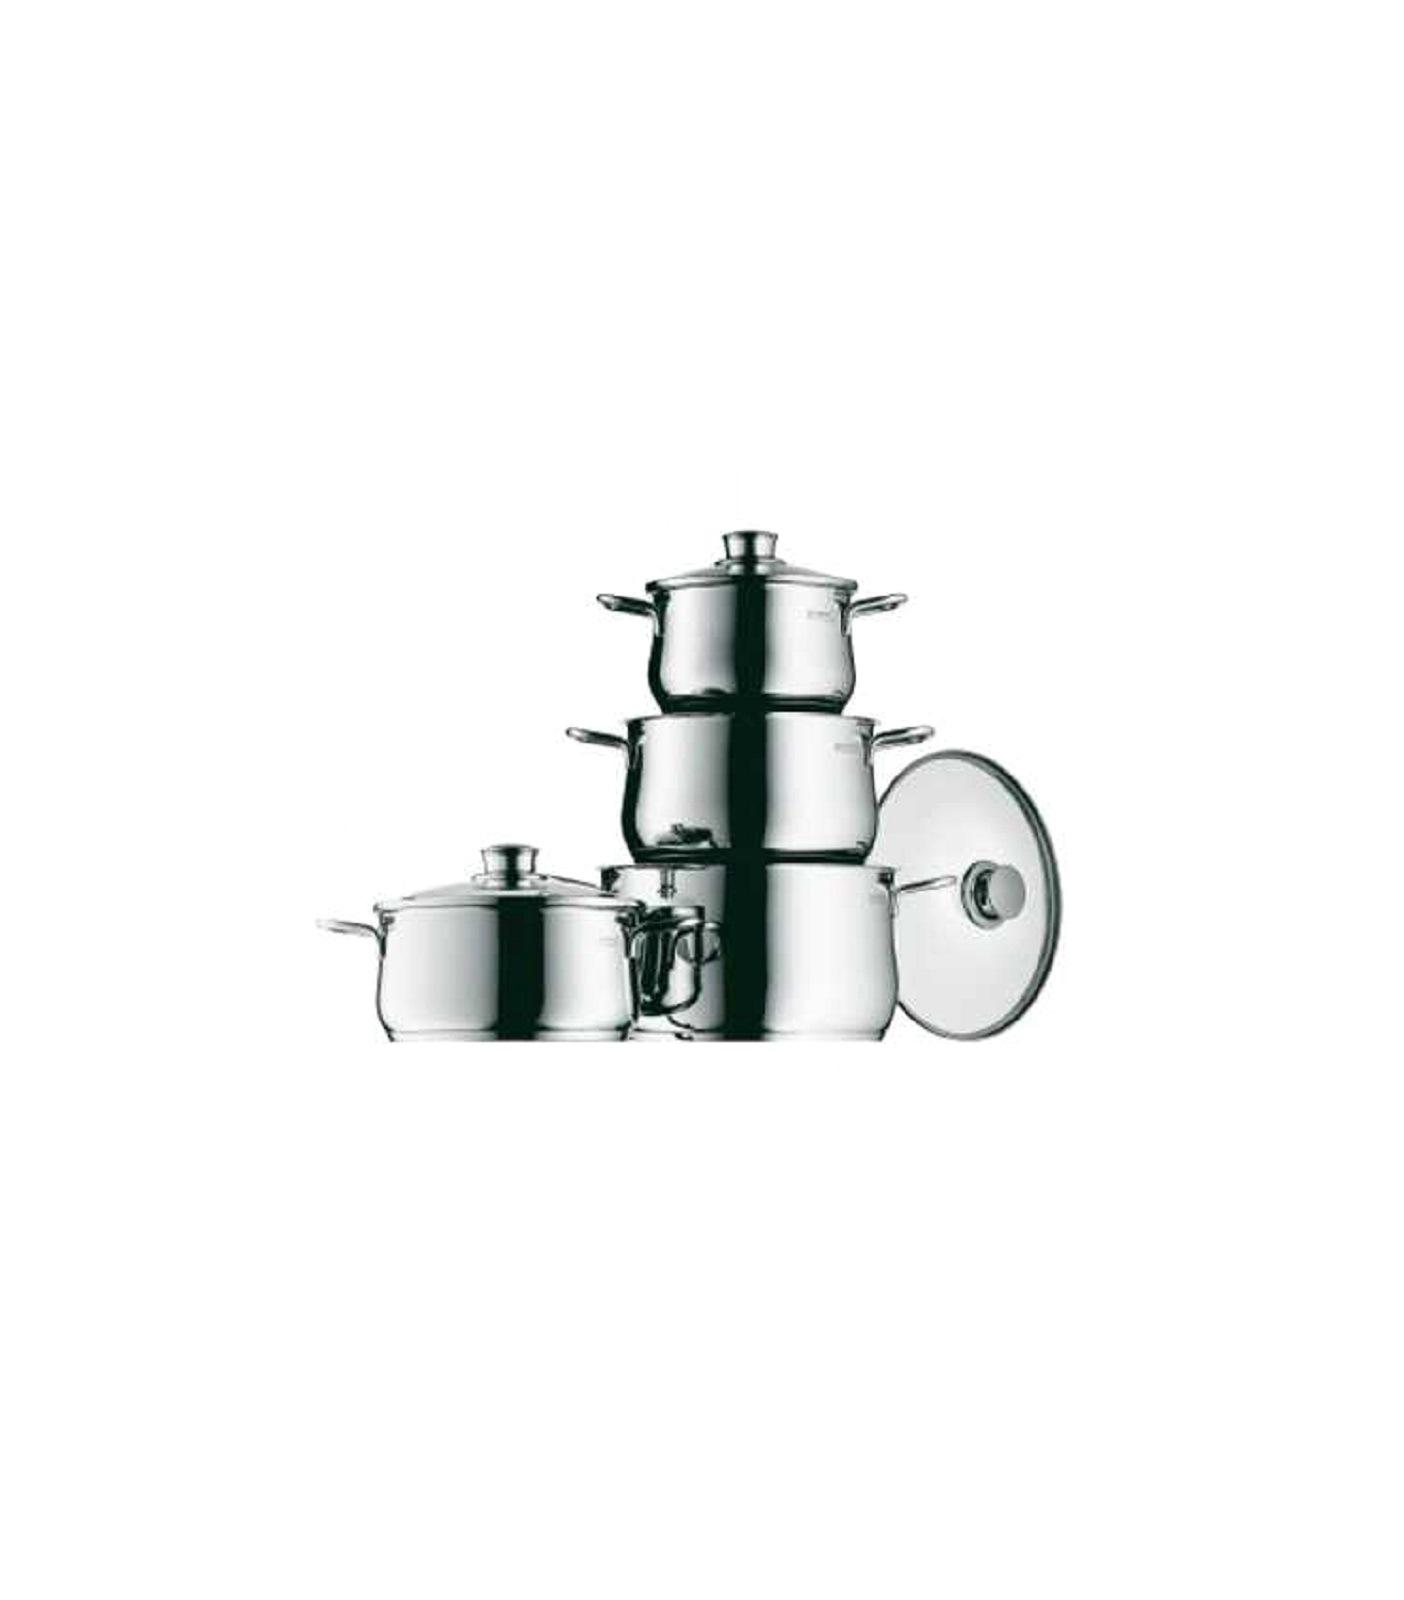 Набор кастрюль с крышками WMF DIADEM PLUS, серебристый, 4 предмета WMF 07 3004 6040 фото 1